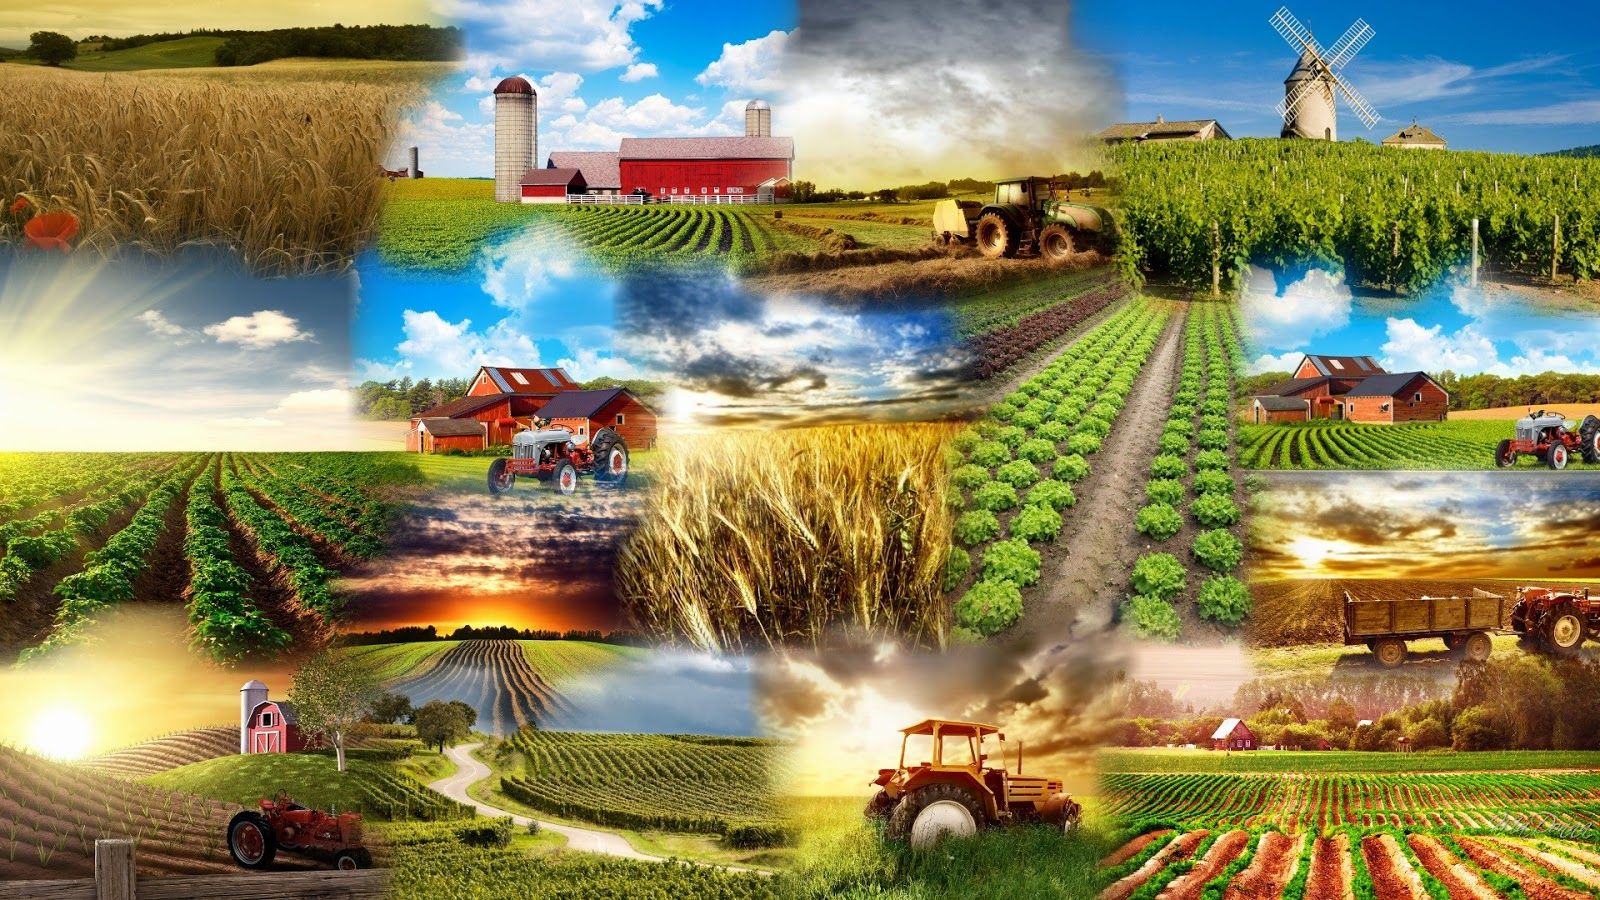 Ο Ελληνικός γεωργικός τομέας και η συμβολή του στην ανάπτυξη